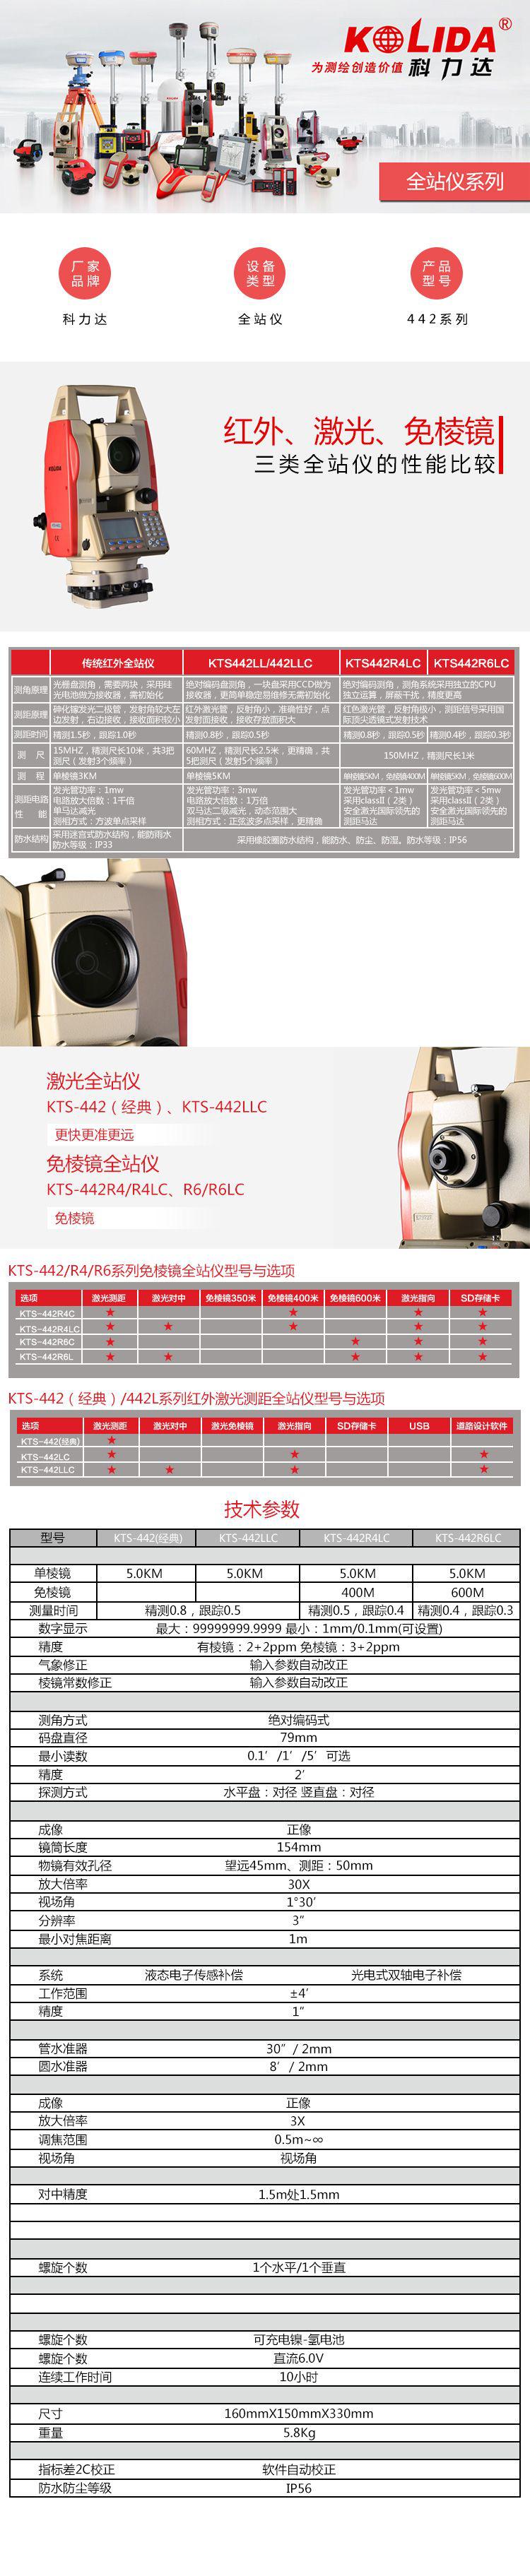 科力达KTS-442